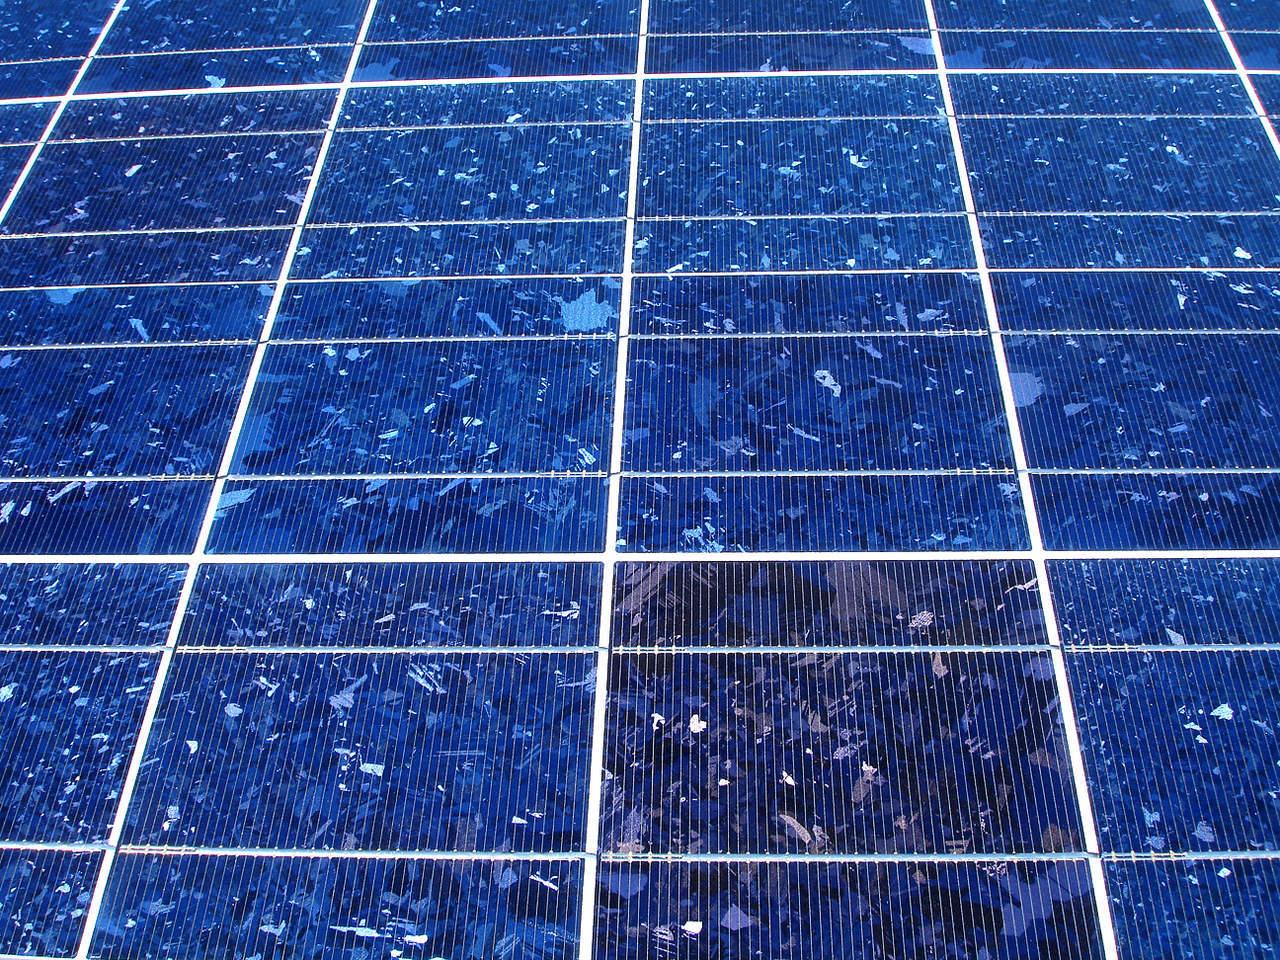 solar-energy-panel-12-1418218-1280x960